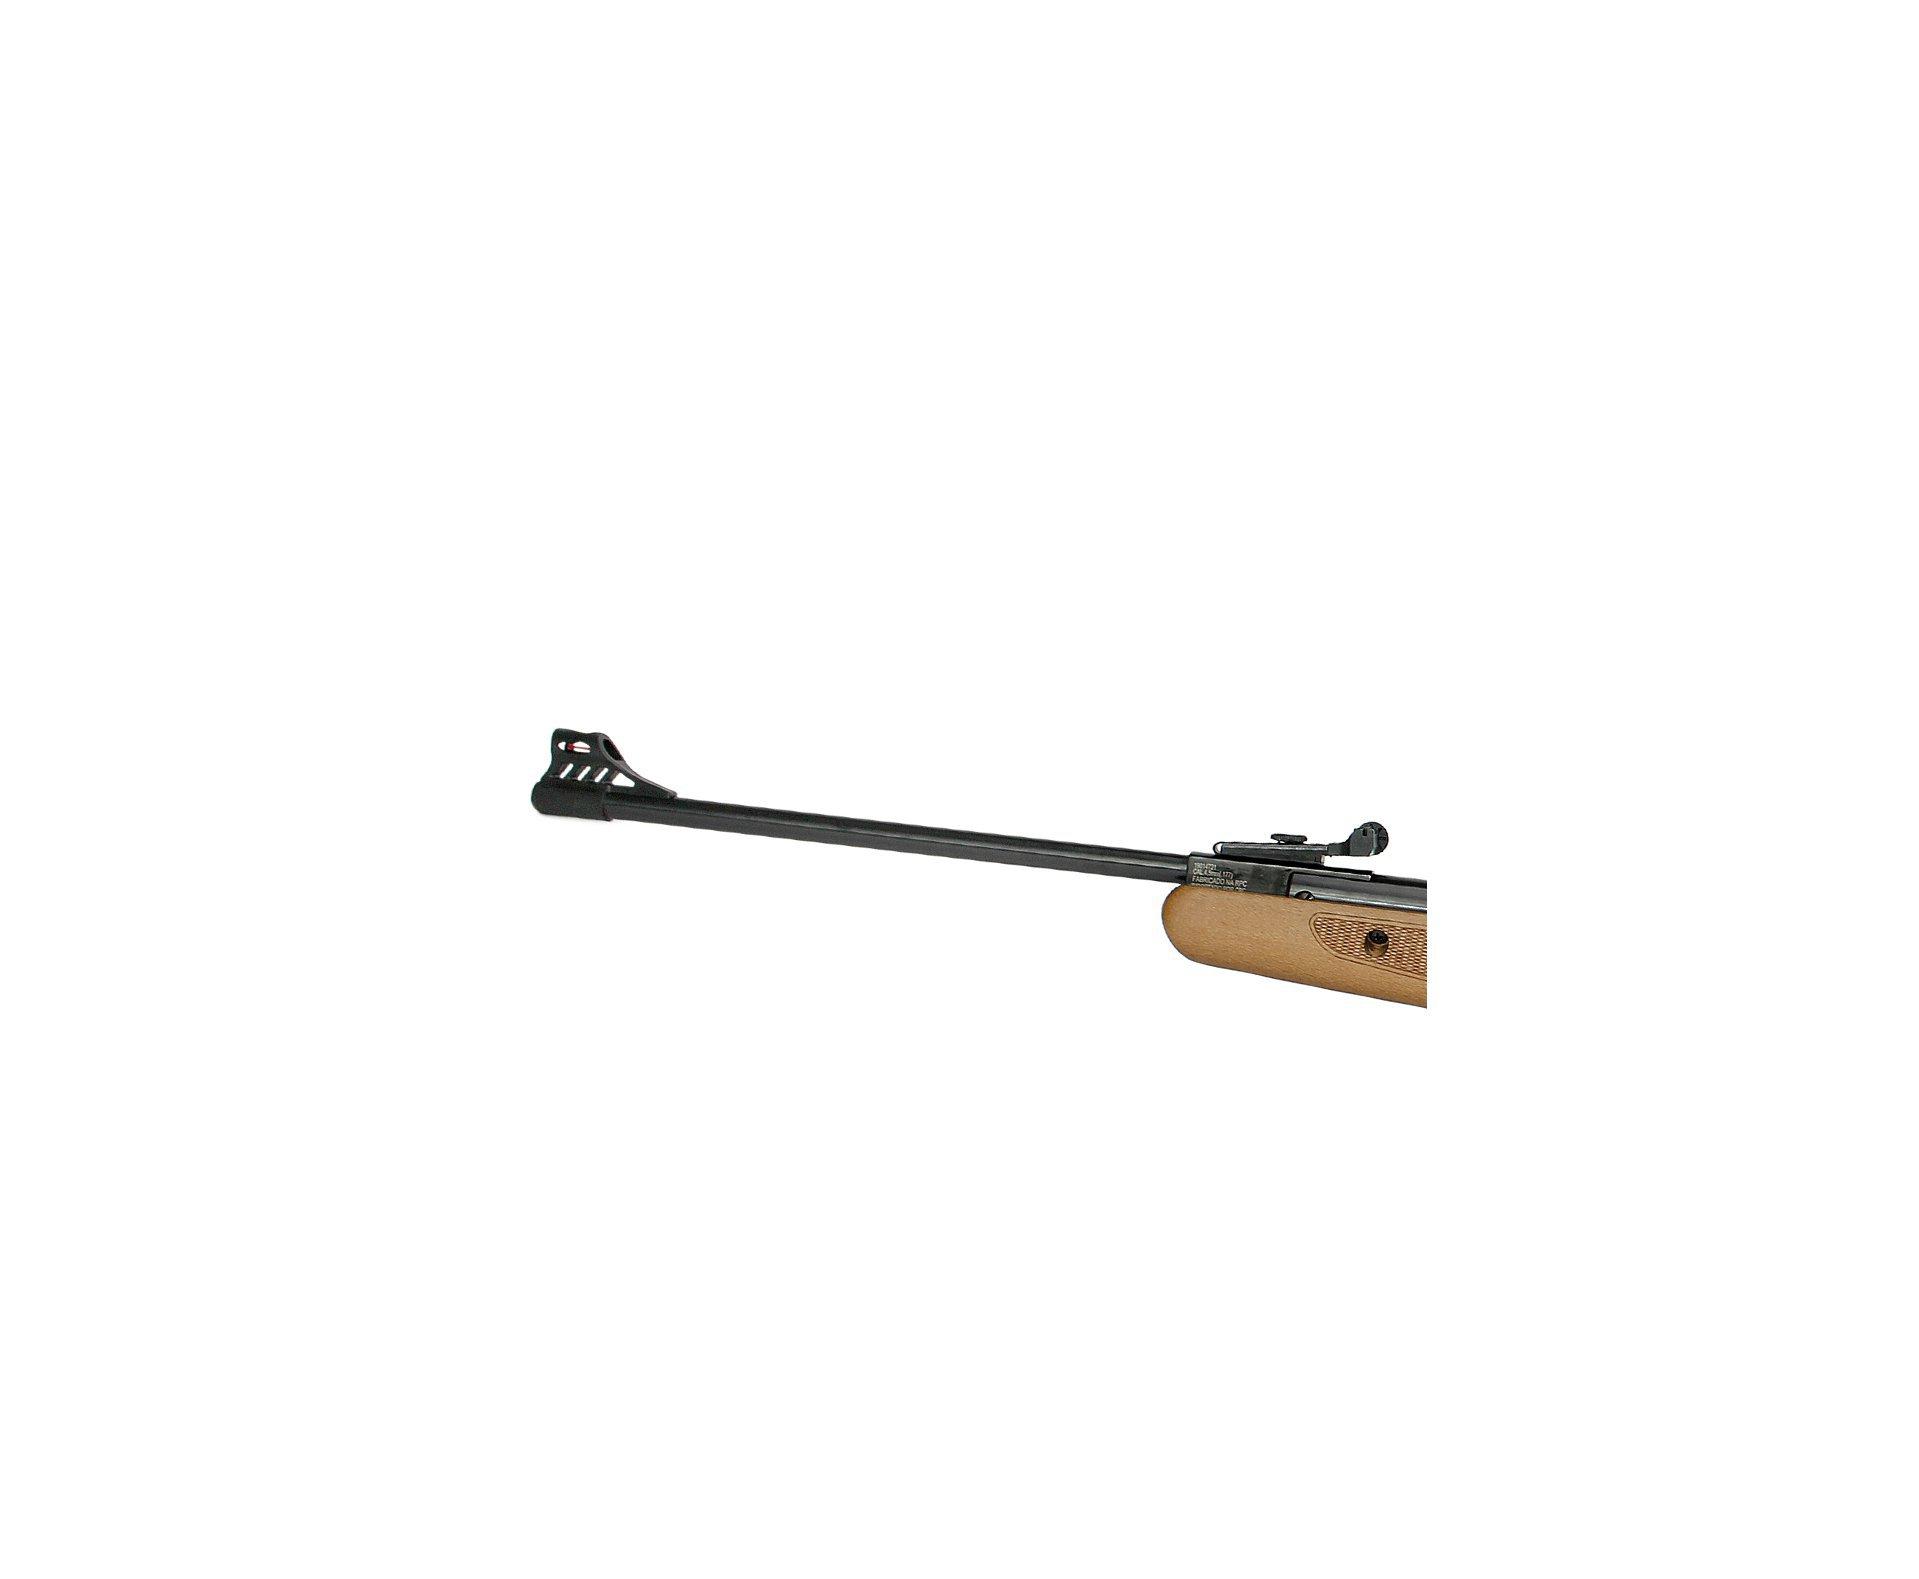 Carabina De Pressão Cbc B19-x 4,5mm Magnum Com Gás Ram 60kg Instalado